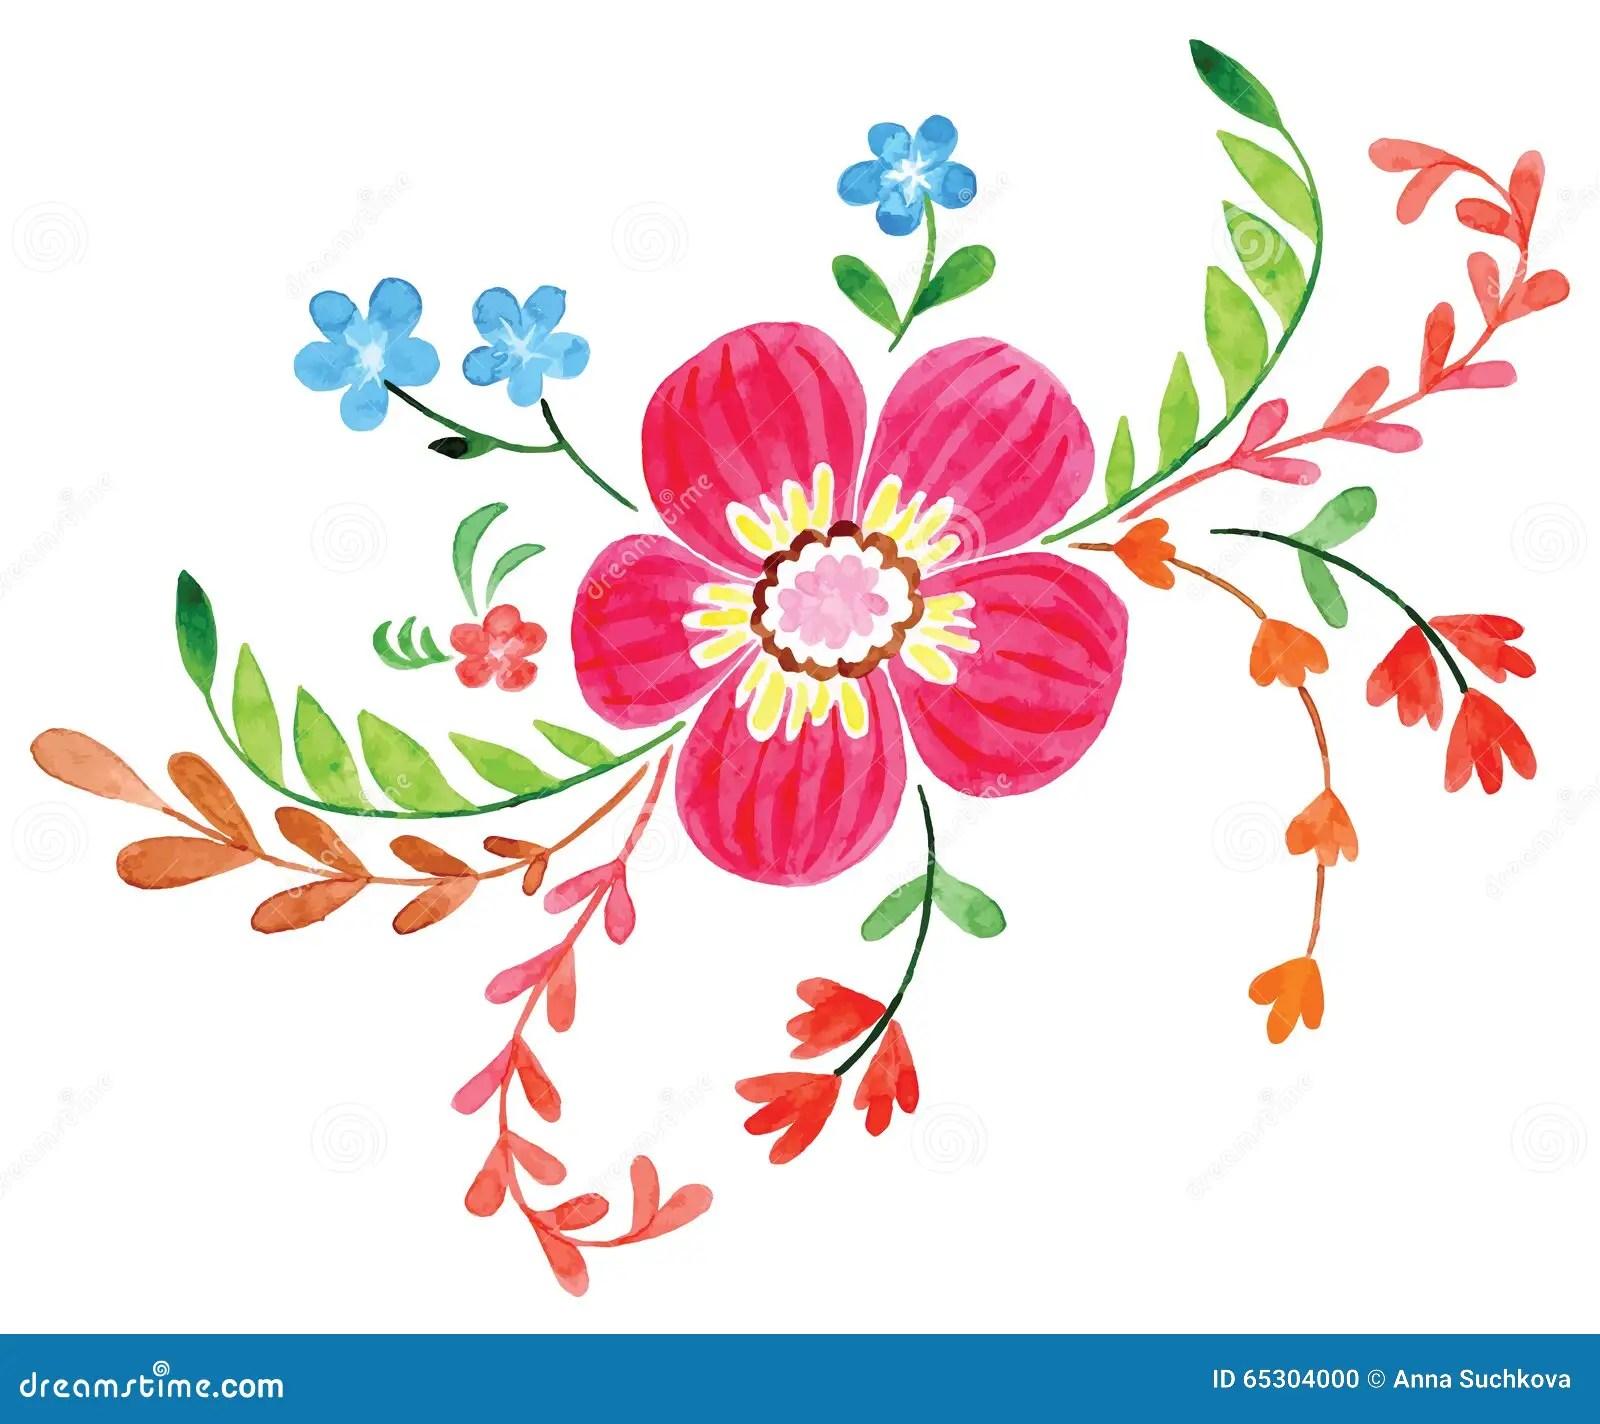 Blume Clipart Kostenlos Blume Zum 60 Geburtstag Ausmalbild Kostenlos